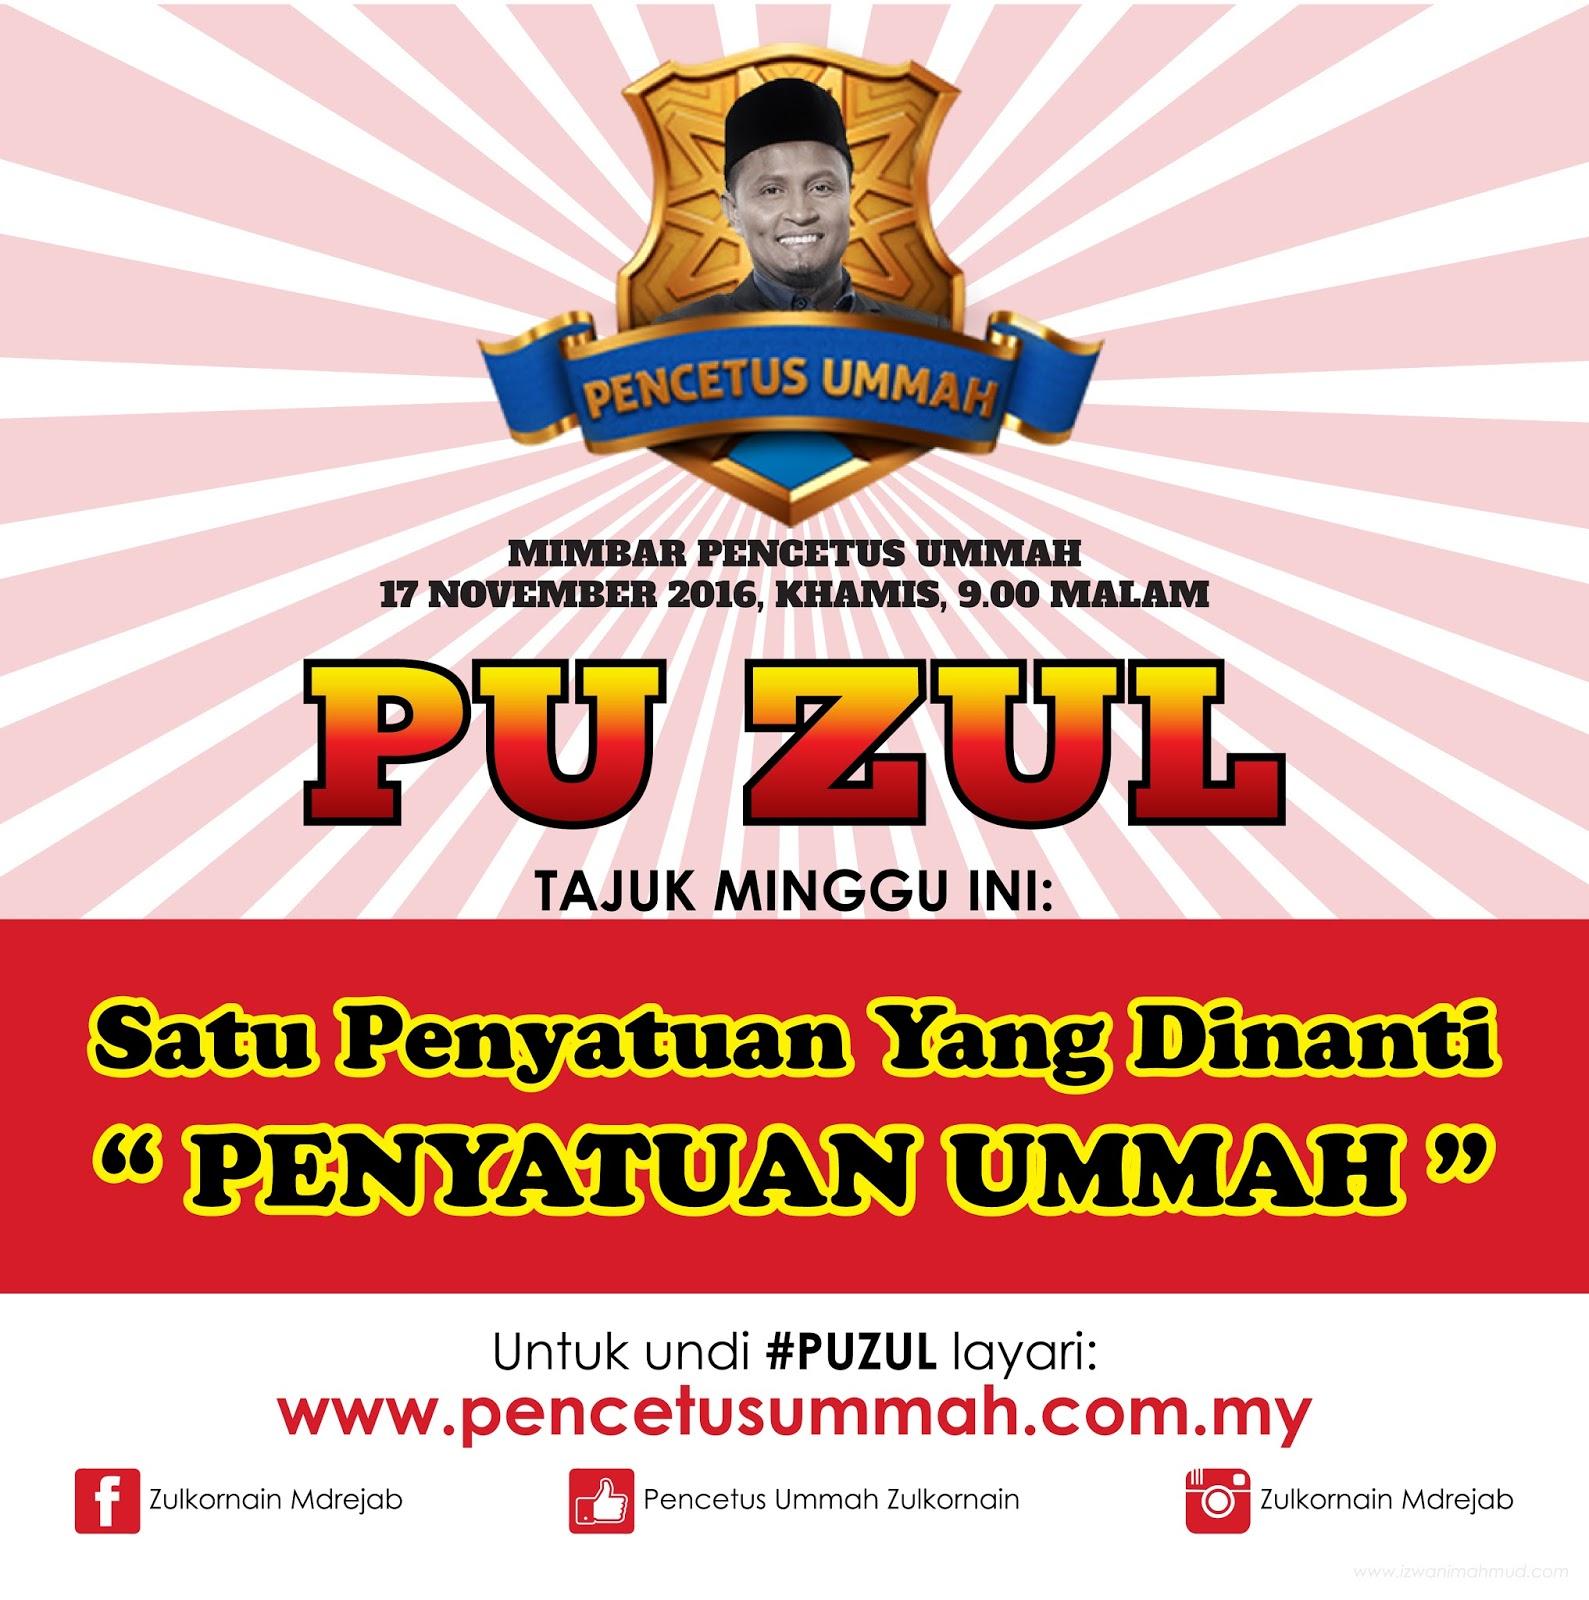 Pencetus Ummah 2016, PU ZUL, Pencertus Ummah Zul